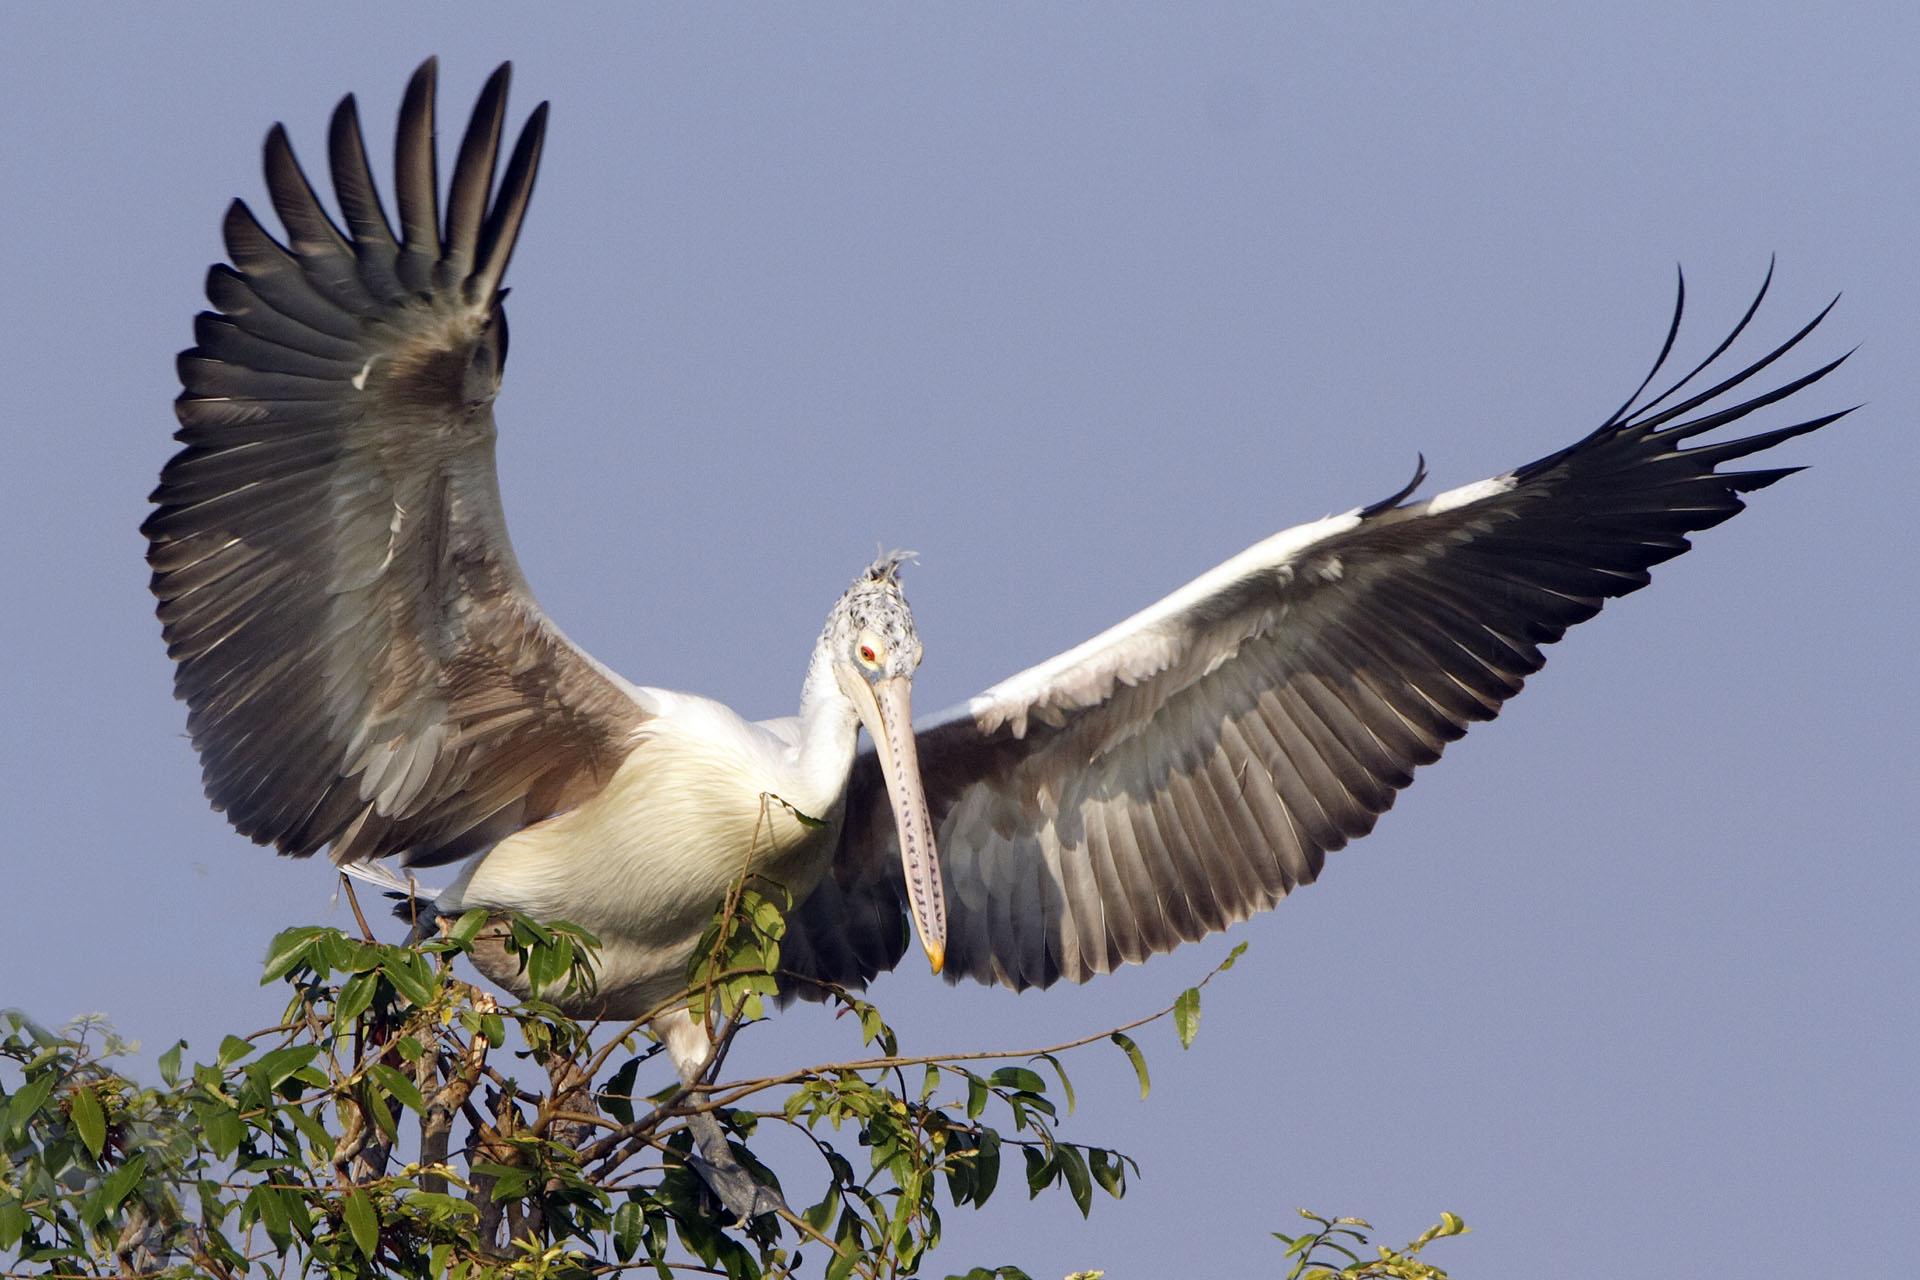 Spot-billed Pelican - wing span